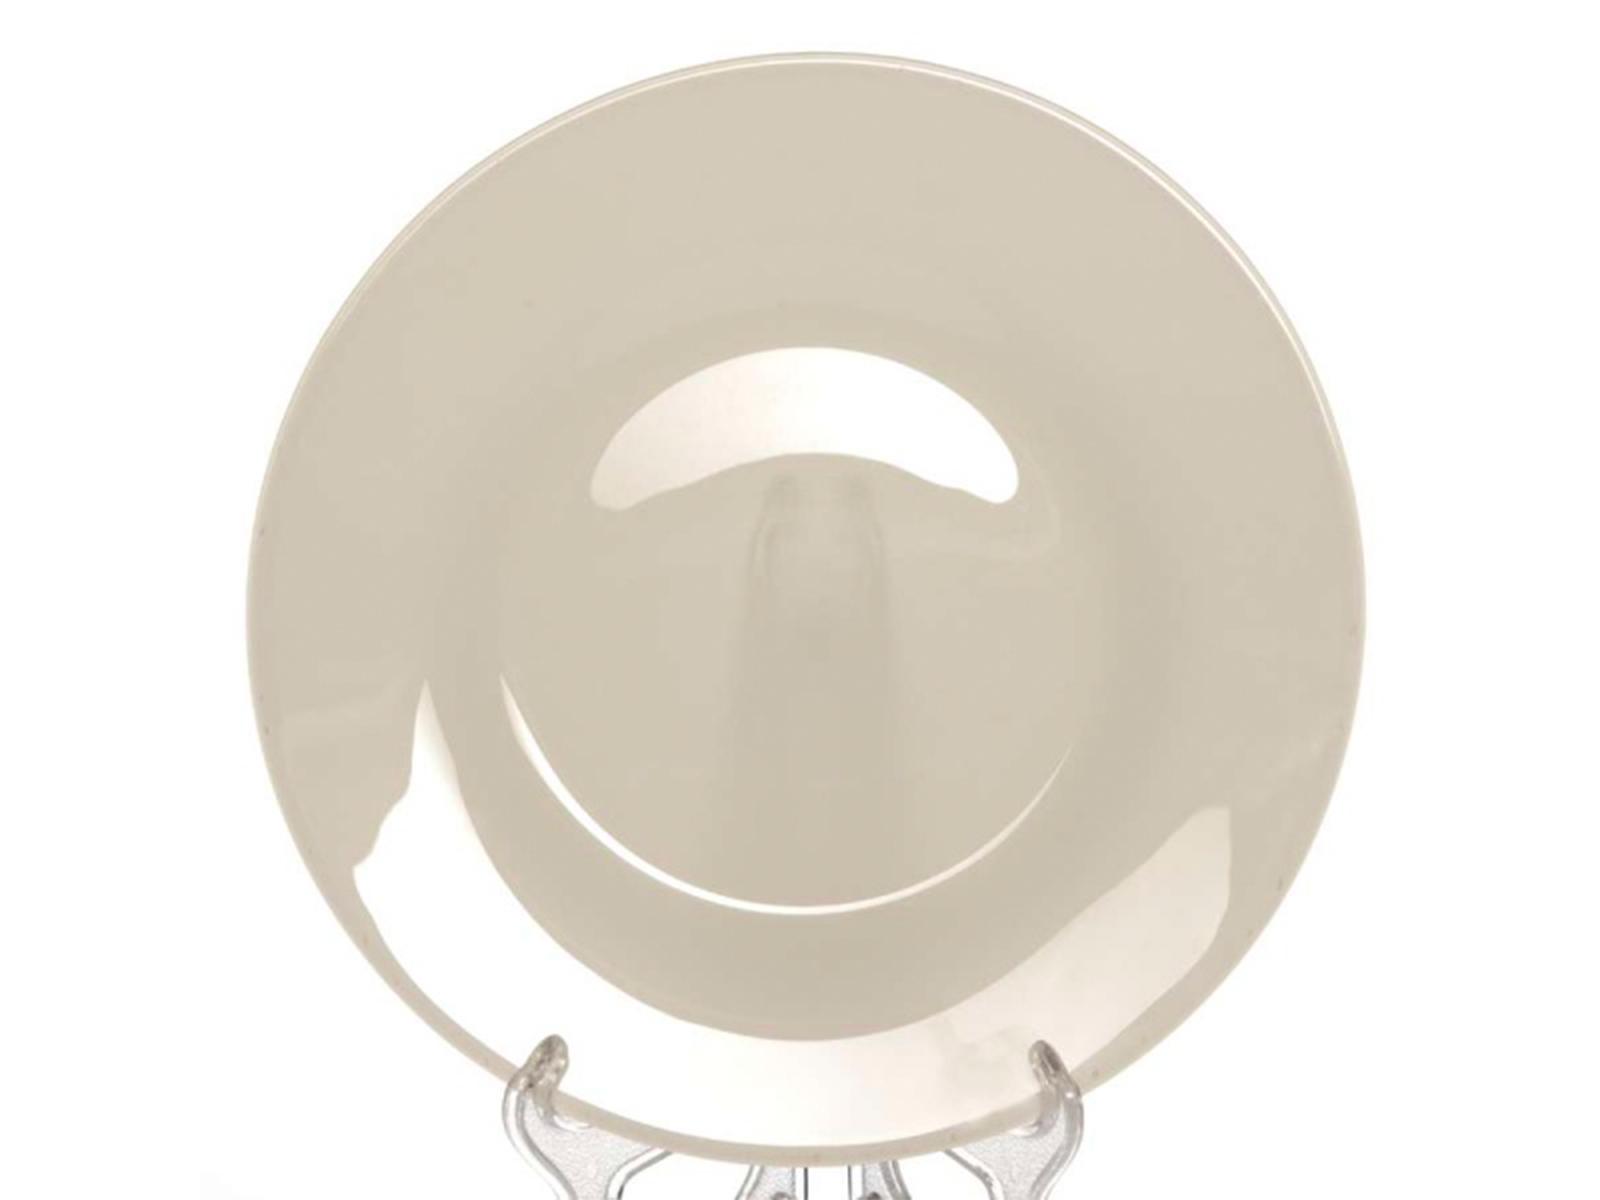 Тарелка BohoПосуда<br>Тарелка столовая<br>